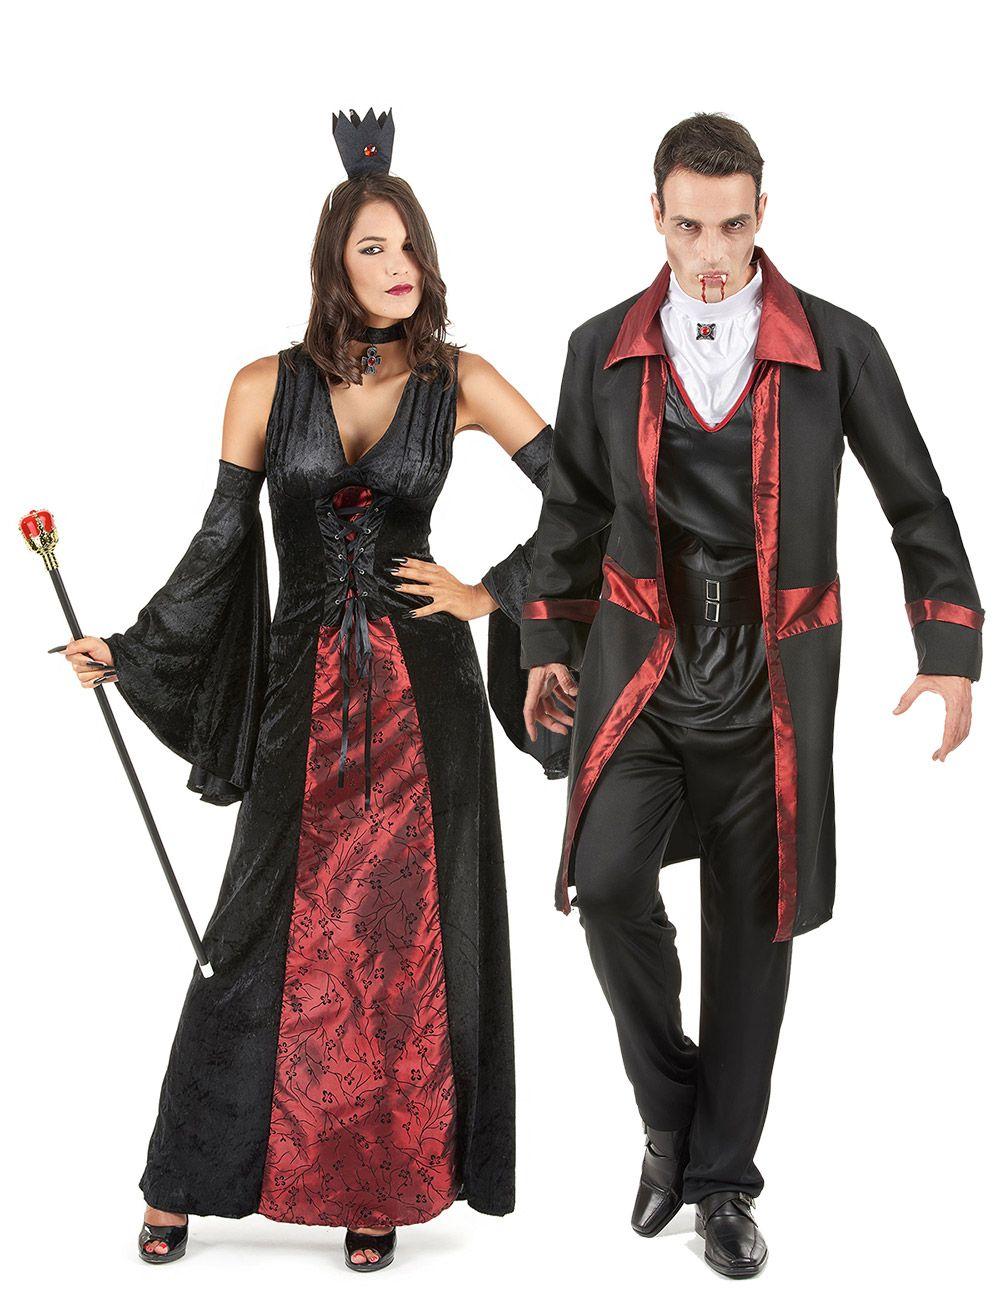 Costume coppia di vampiri rosso e nero Halloween   Costume da vampiro donna  Il costume molto 6a74e1d8dd18